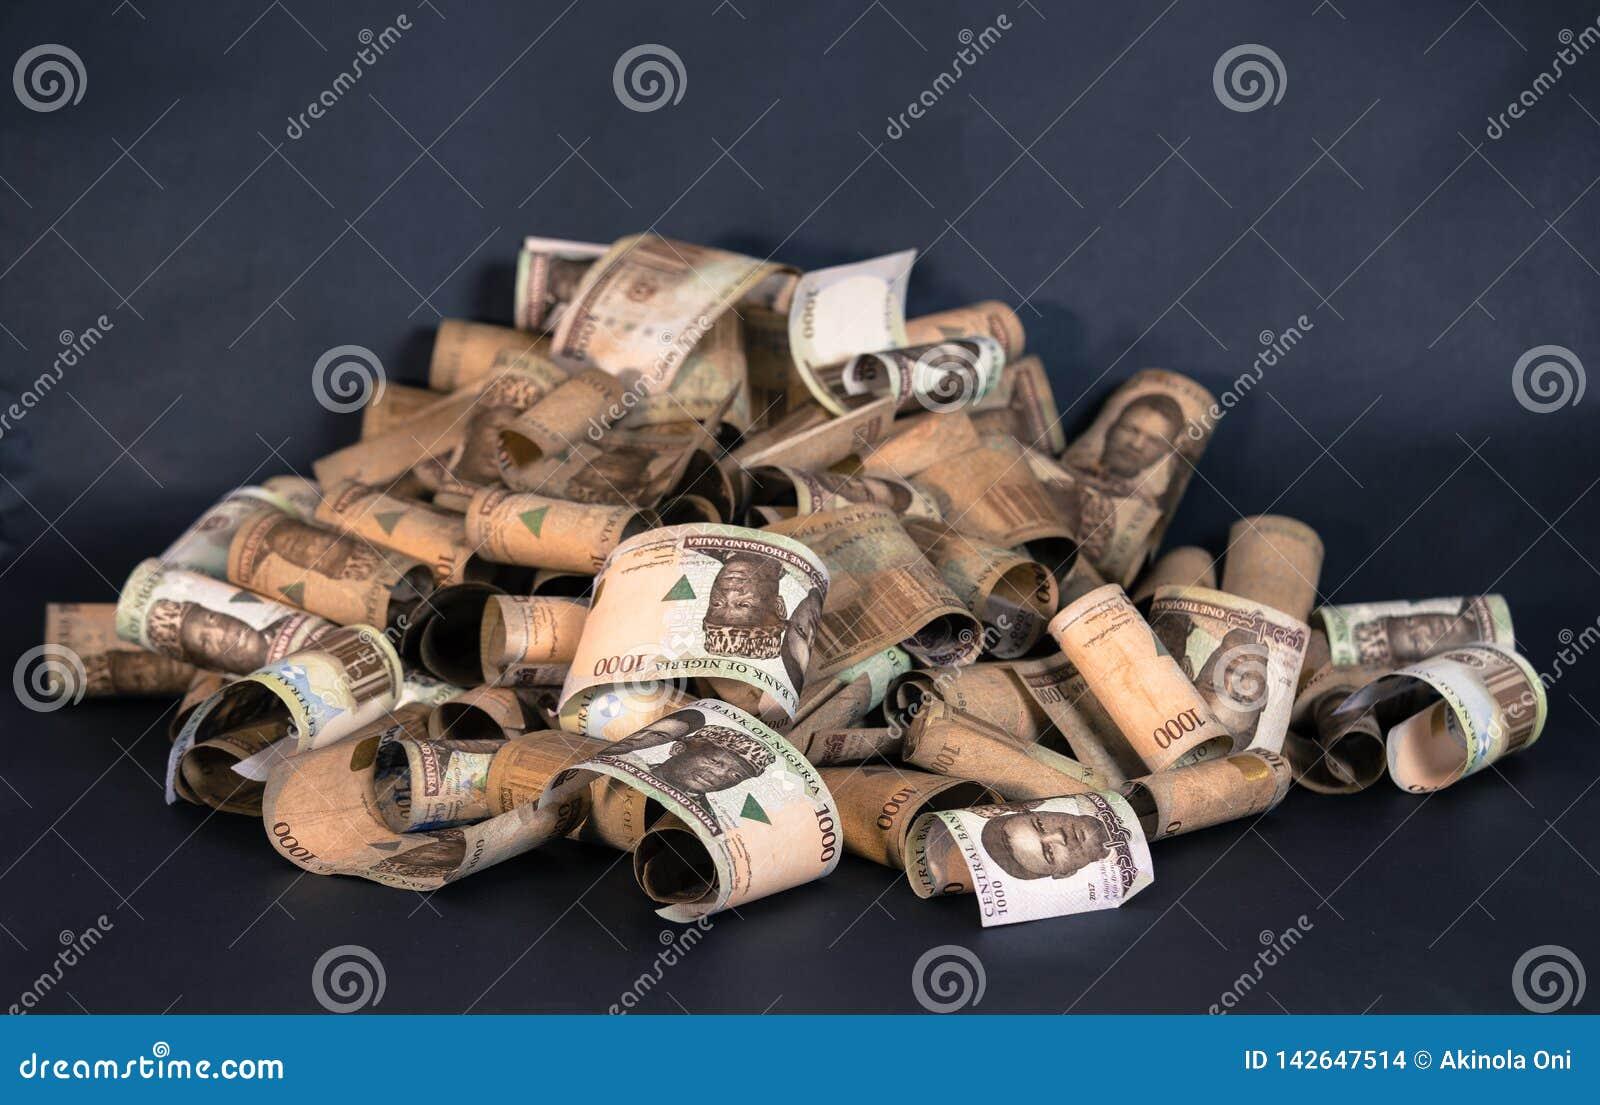 Nigeryjska waluta - rozsypisko Nigeria naira notatki